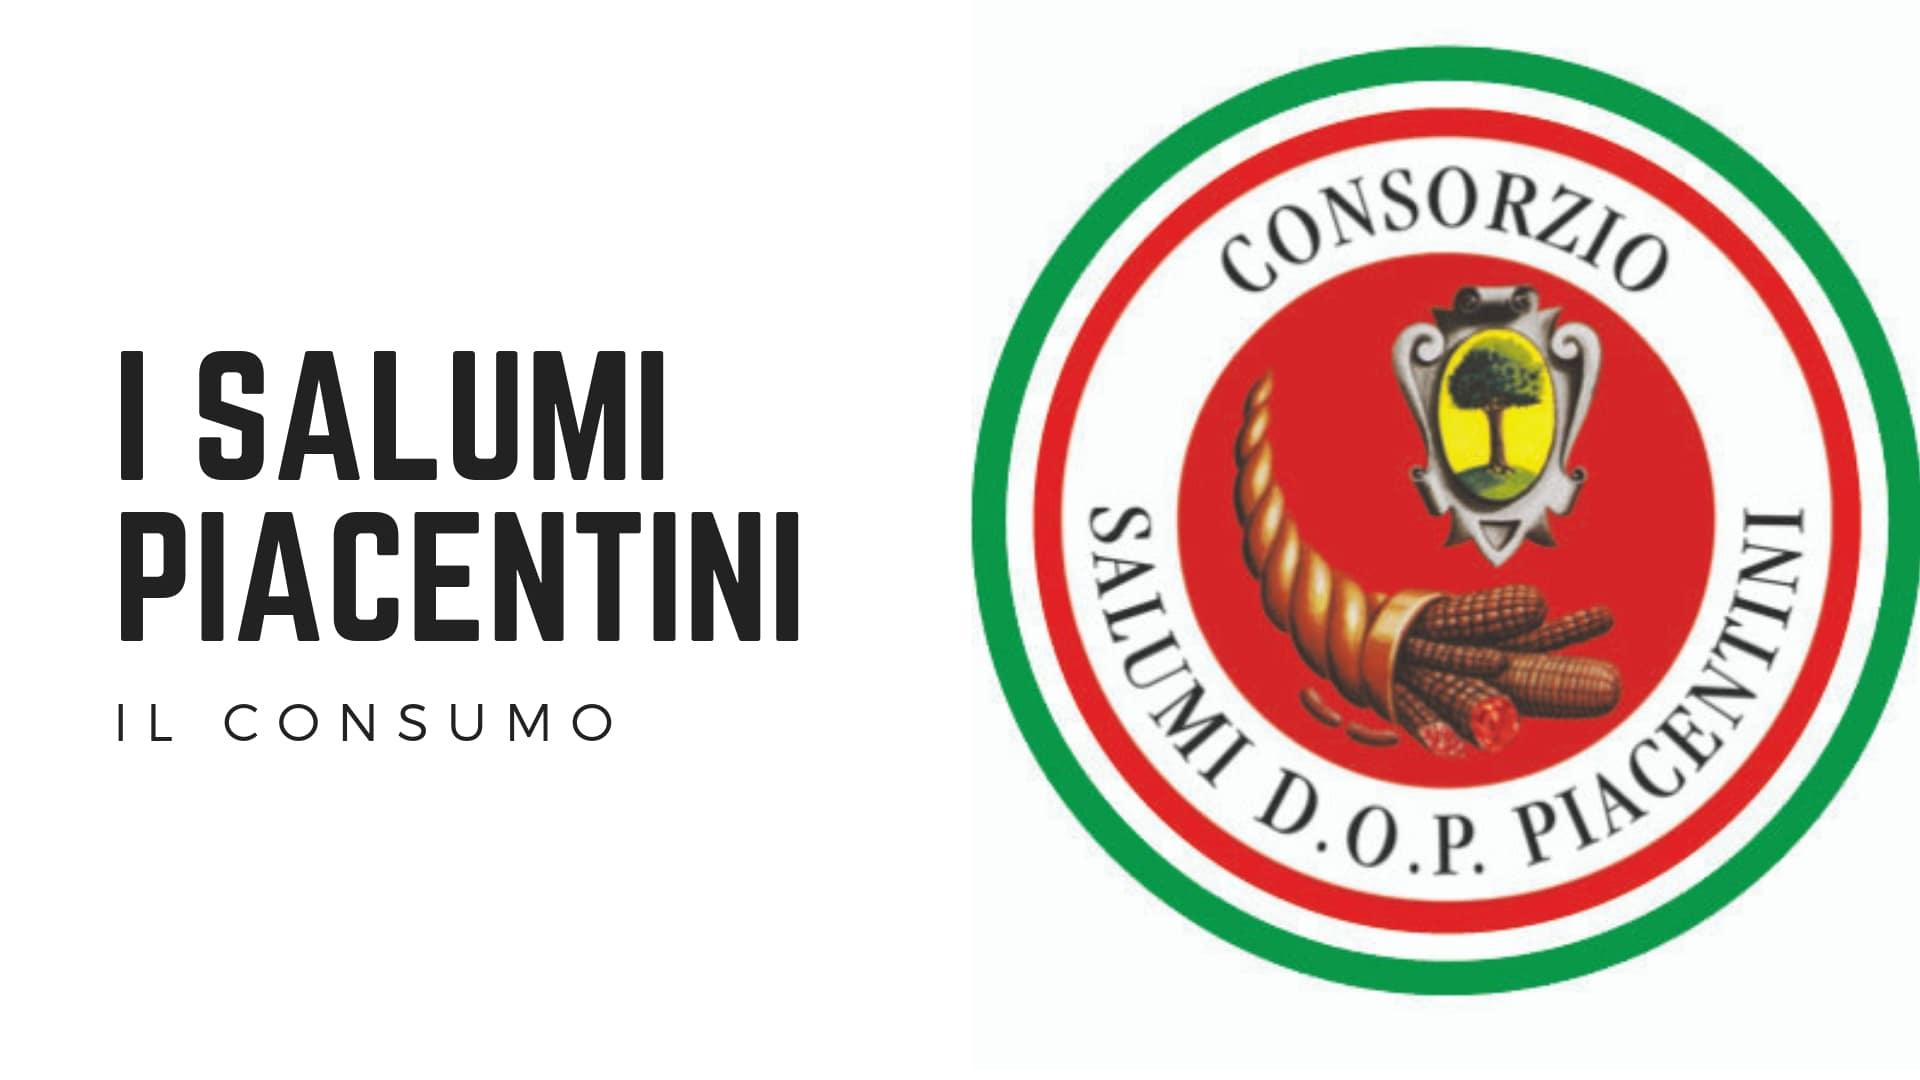 come consumare i Salumi Piacentini DOP